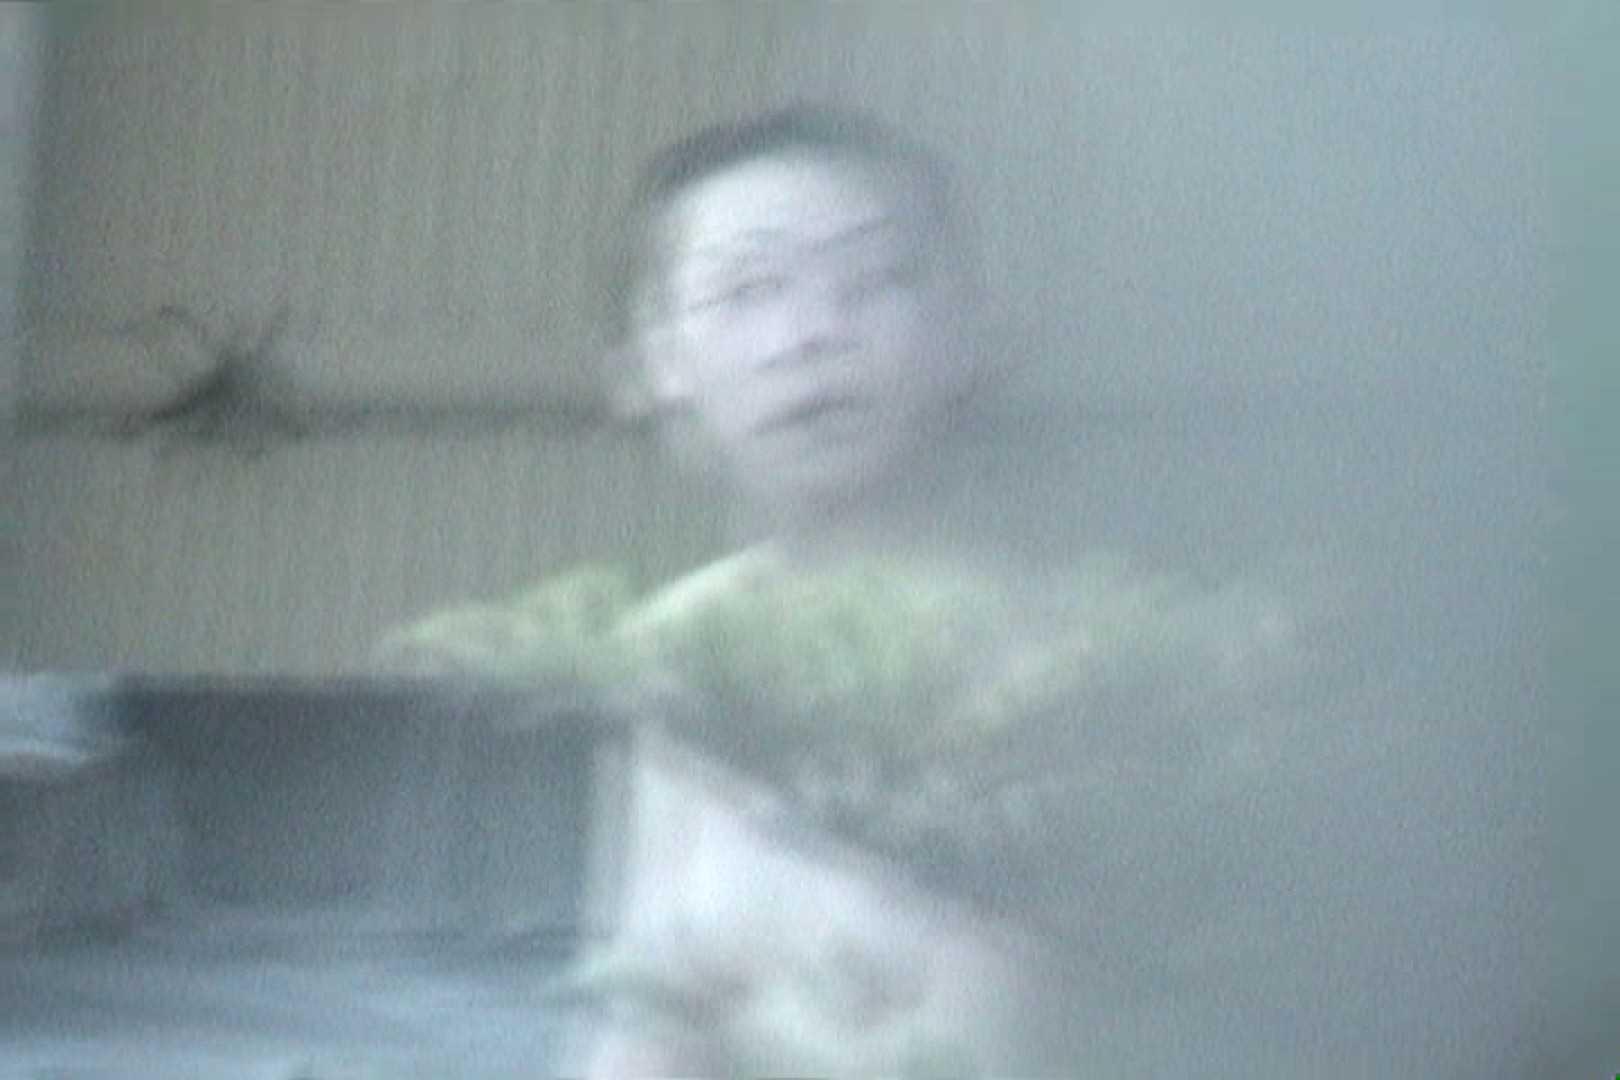 Aquaな露天風呂Vol.643 HなOL 盗撮動画紹介 105pic 72